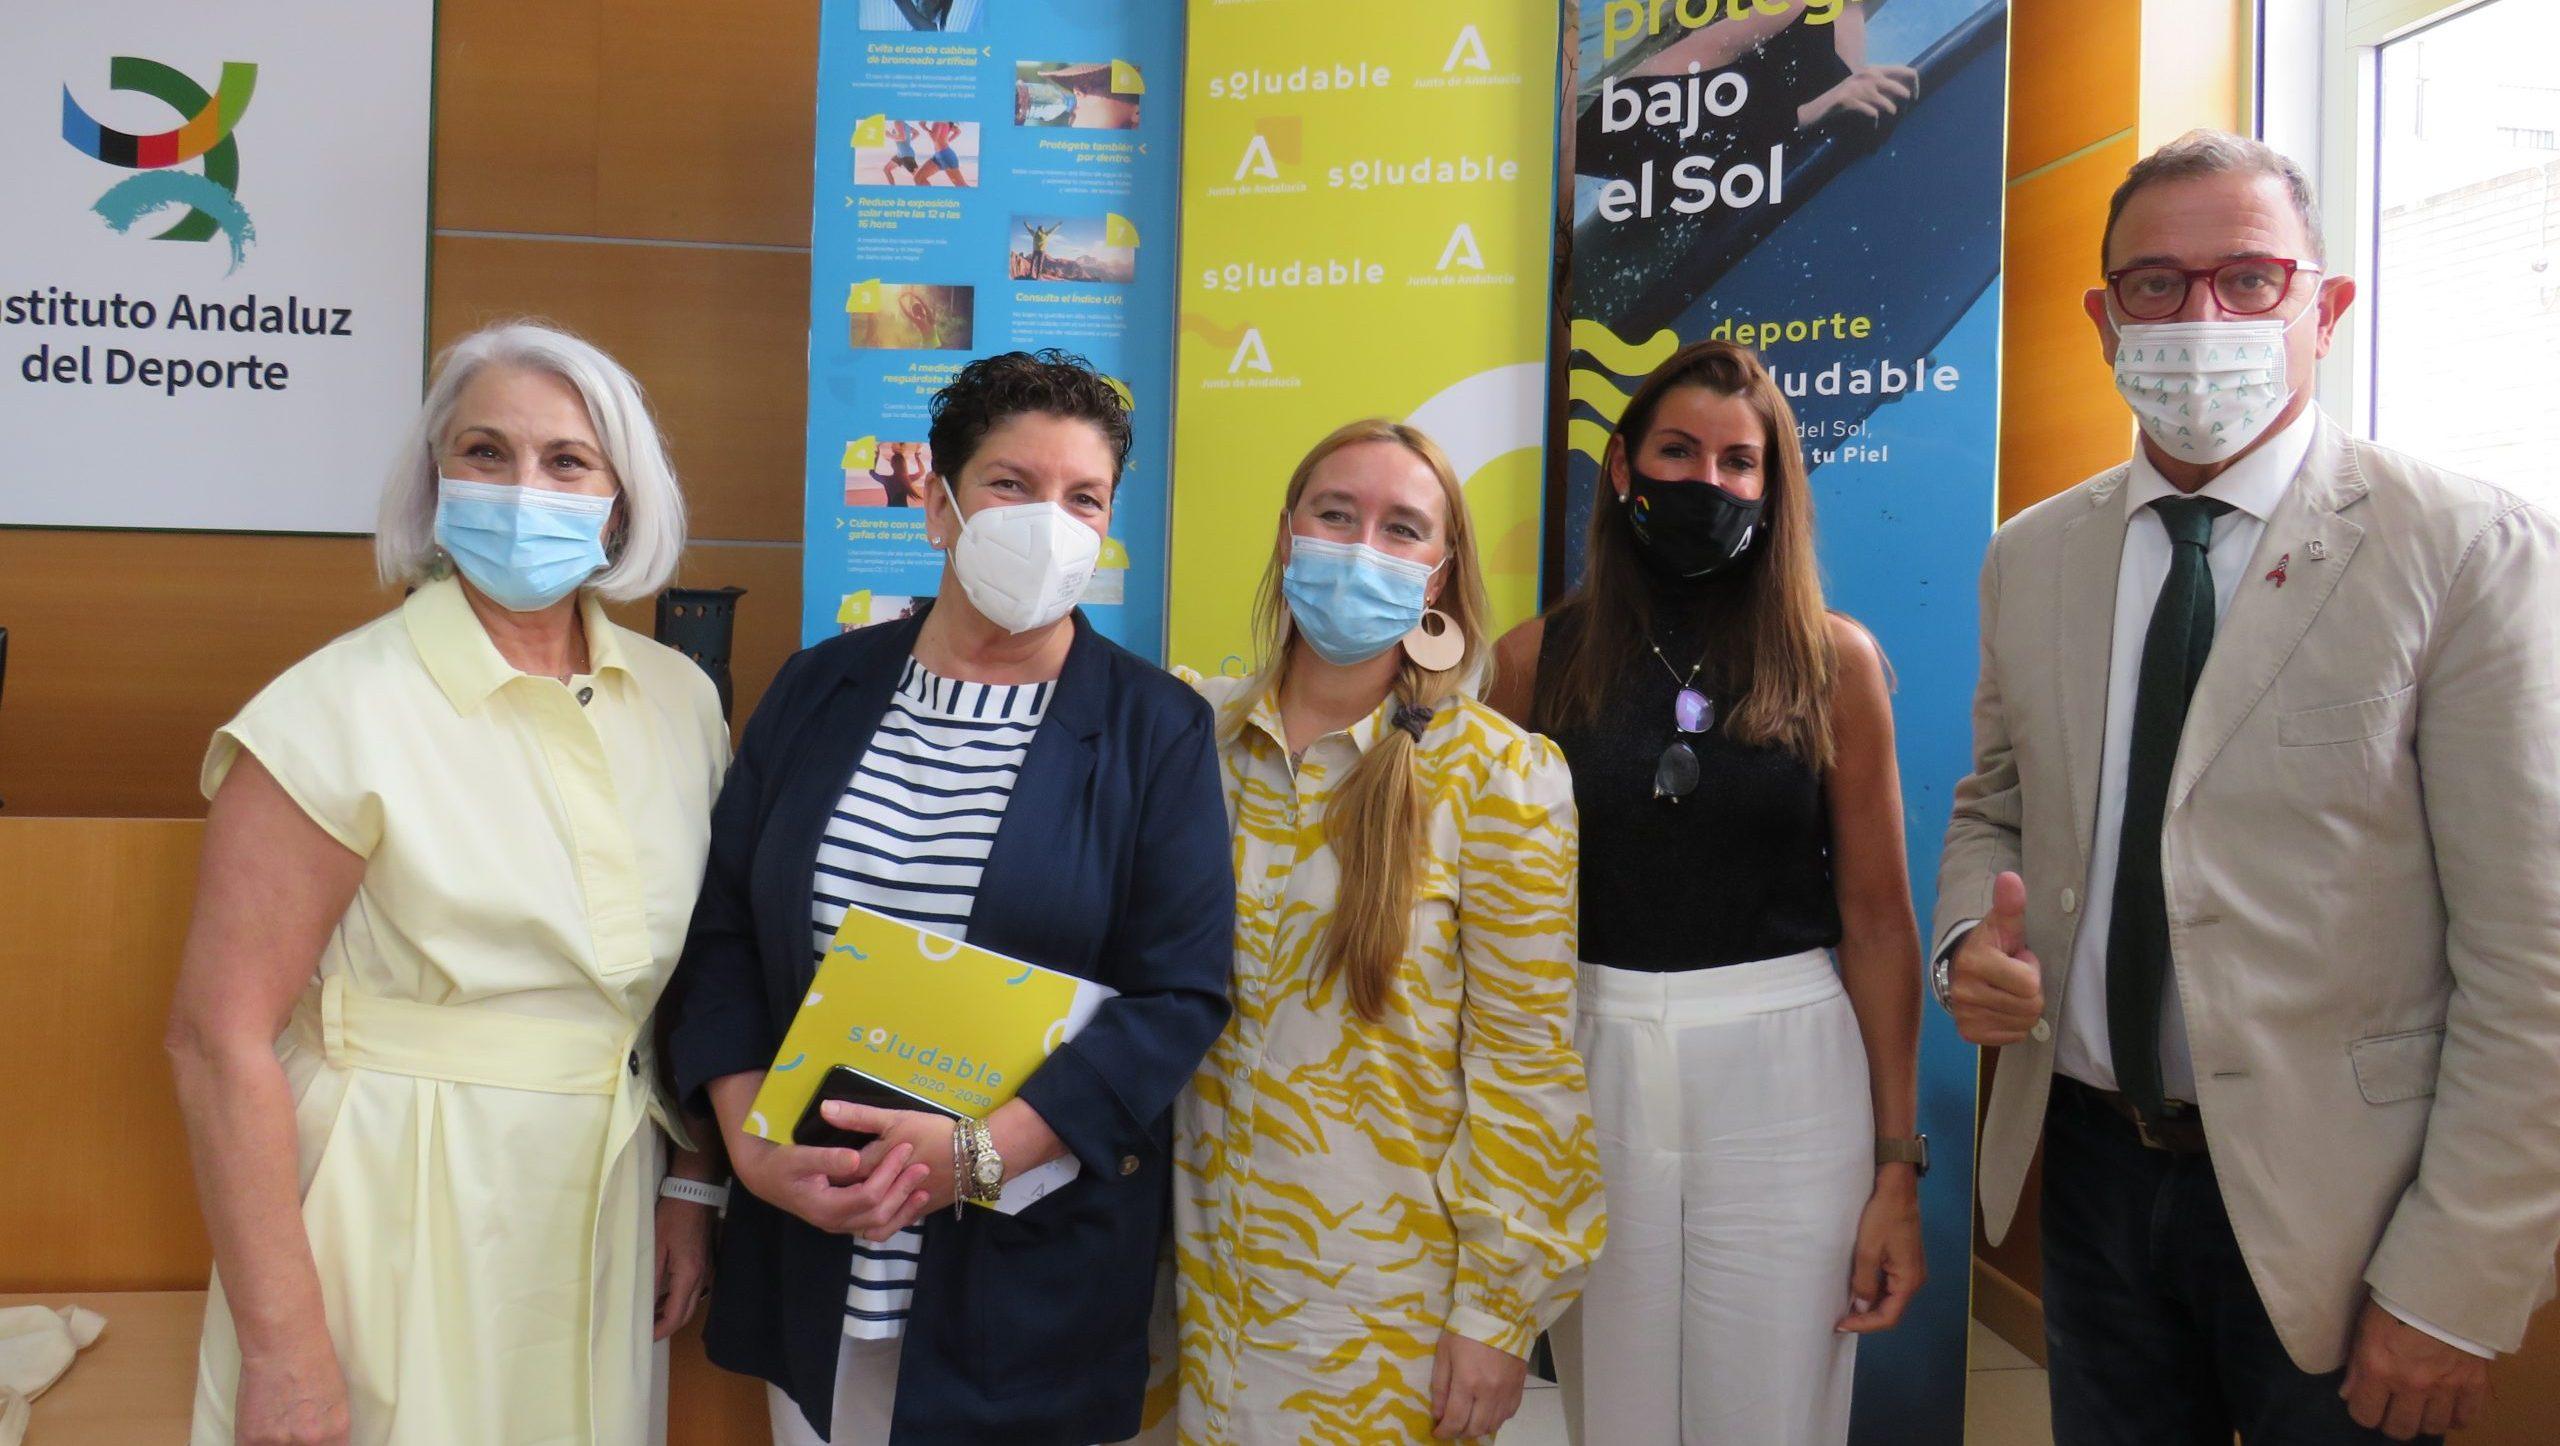 Proyecto Soludable. Fuente: Junta de Andalucía